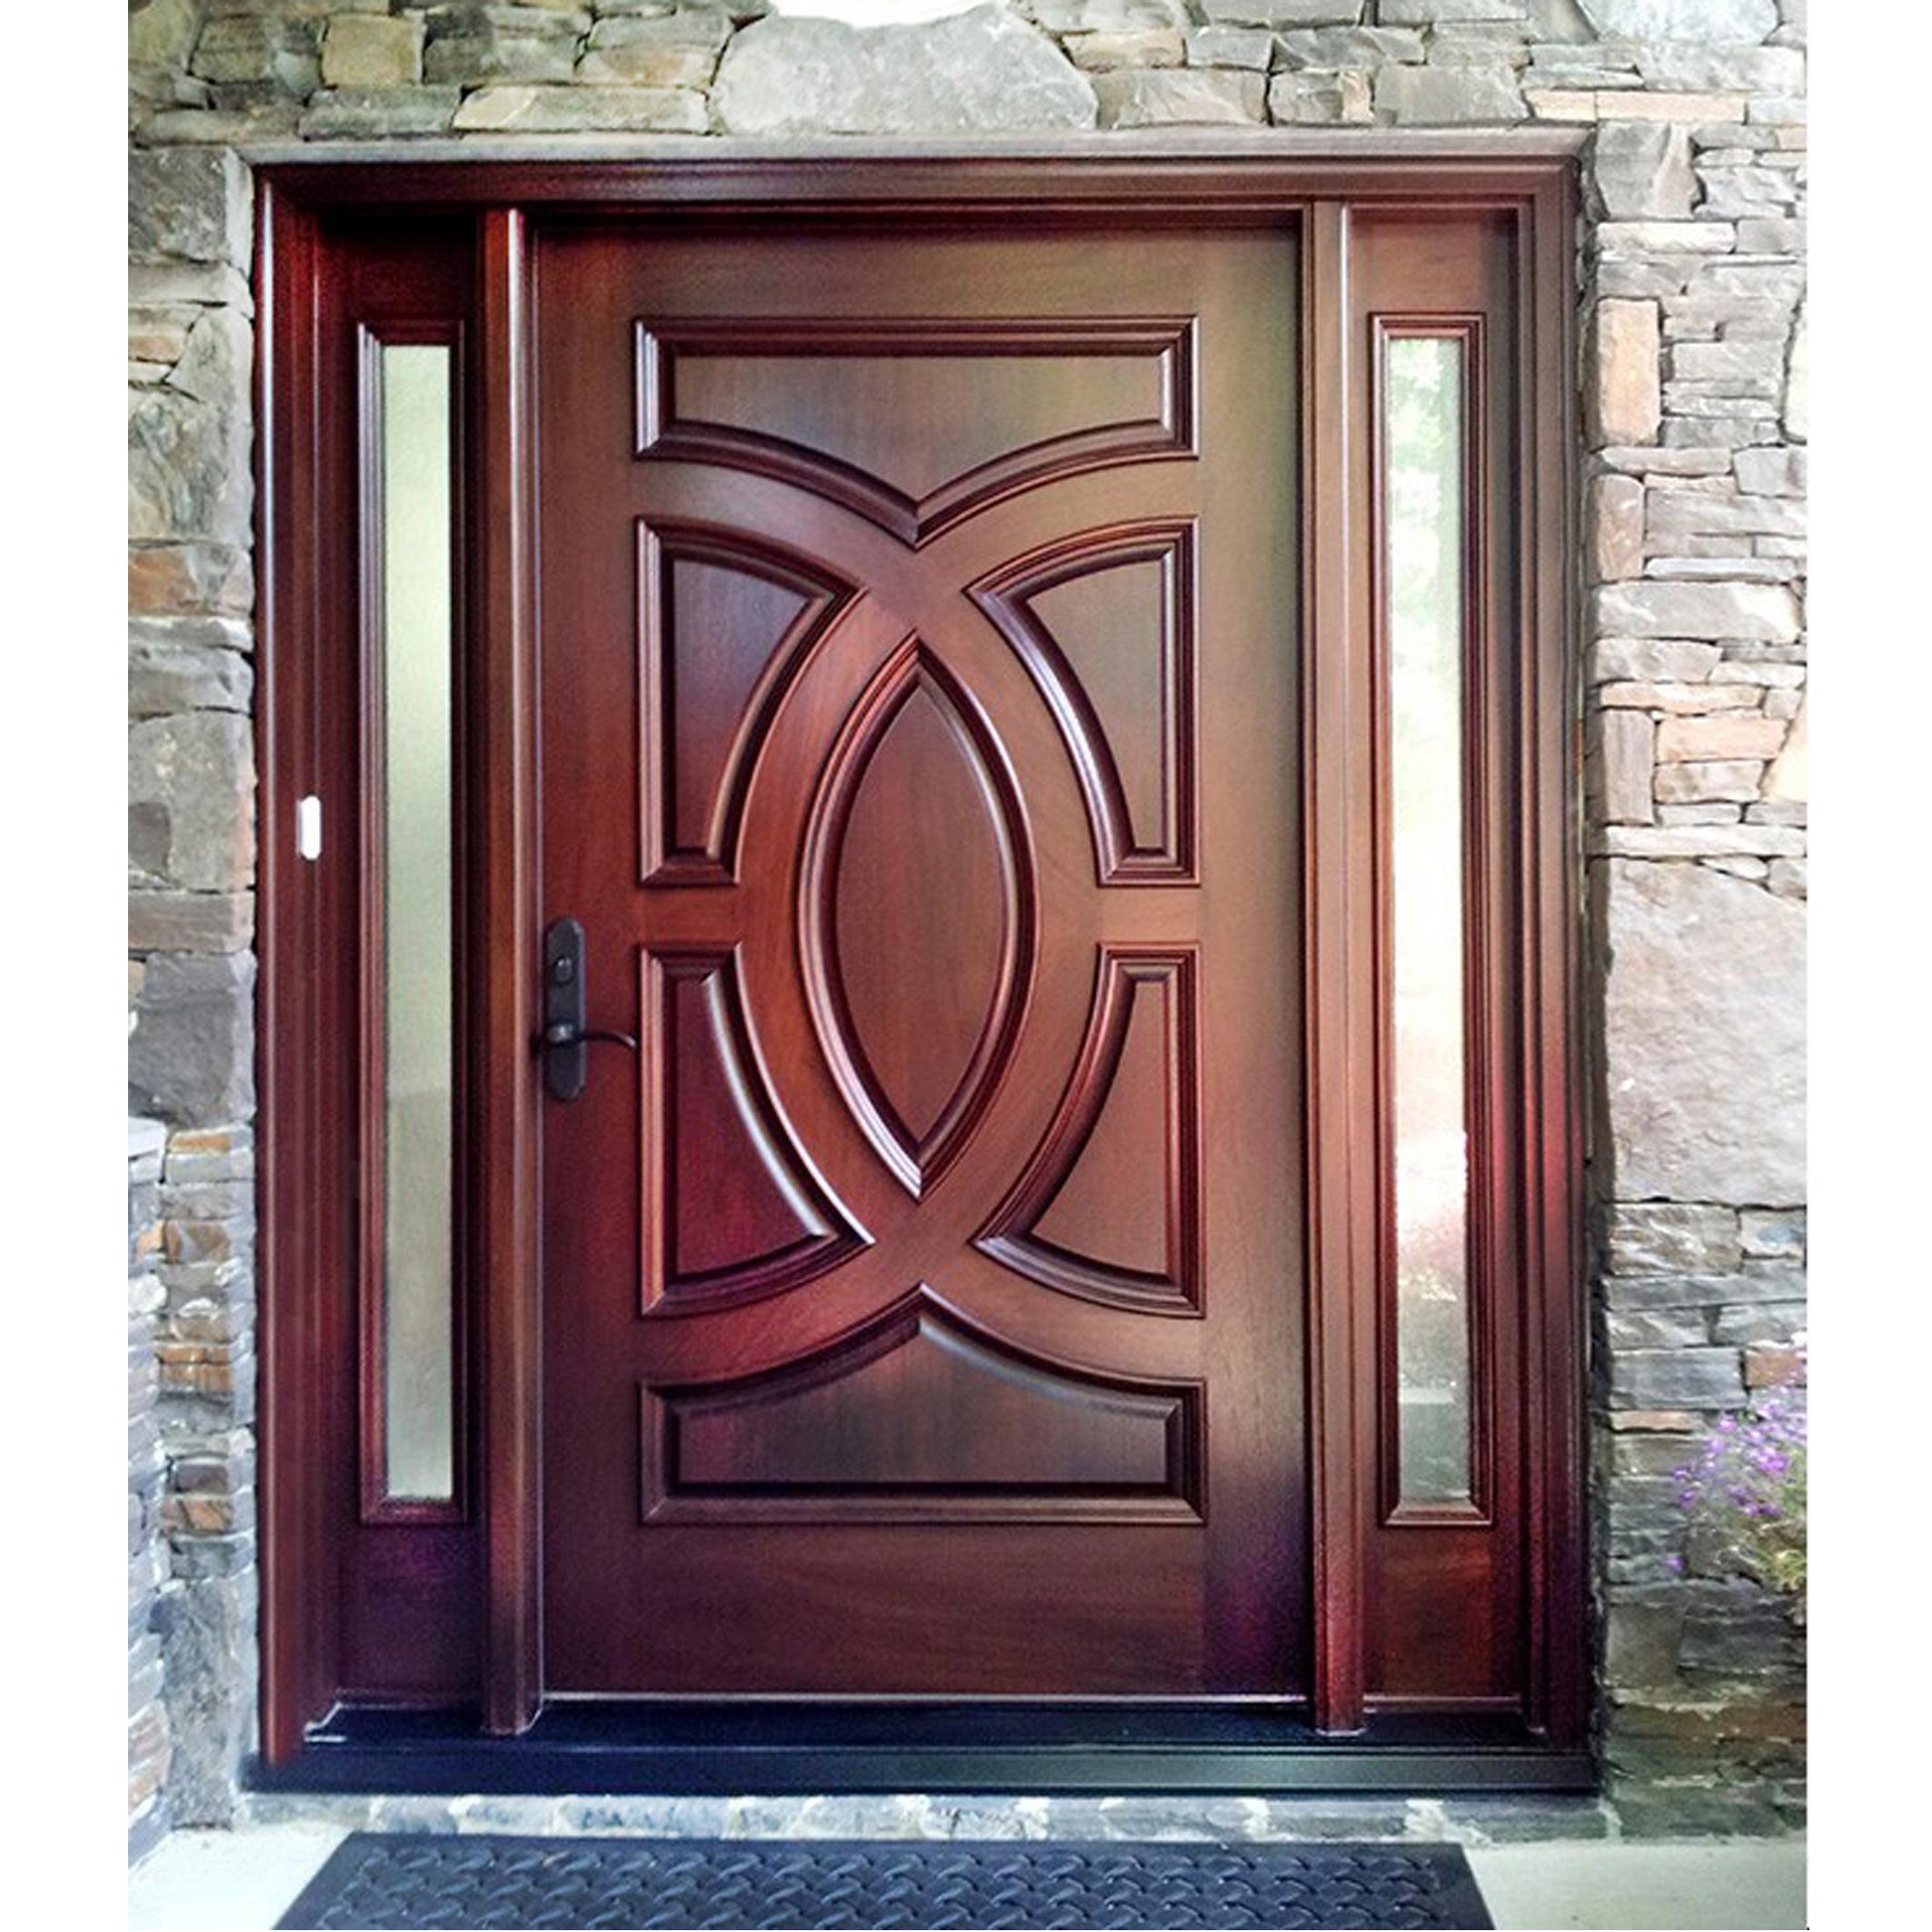 Mahogany Front Door Double Door Solid Wood Entry Door With Glass And 2 Sidelights Buy Puerta Delantera Puerta De Entrada De Madera Maciza Puerta Doble Fabrica De Puertas De Madera Maciza Puertas De